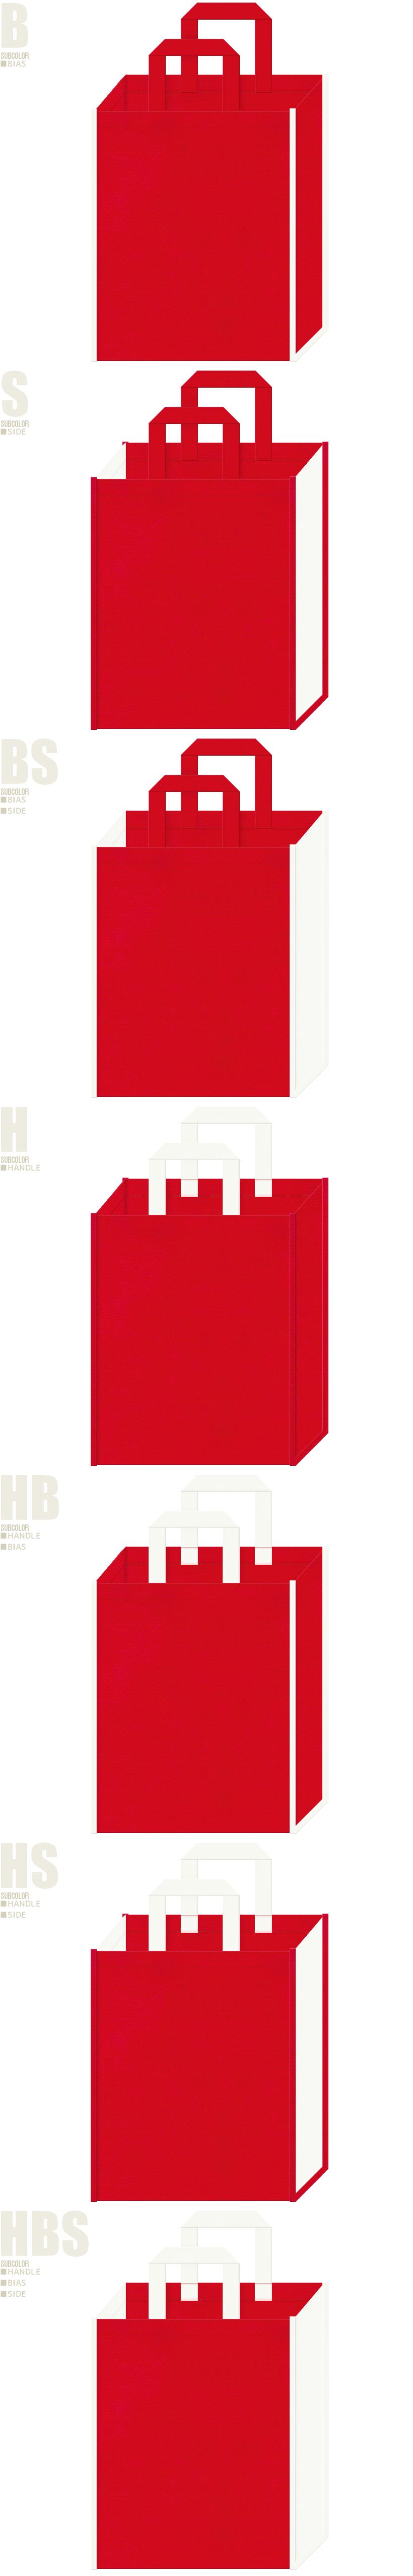 婚礼・お誕生日・ショートケーキ・サンタクロース・クリスマスにお奨めの不織布バッグデザイン:紅色とオフホワイト色の配色7パターン